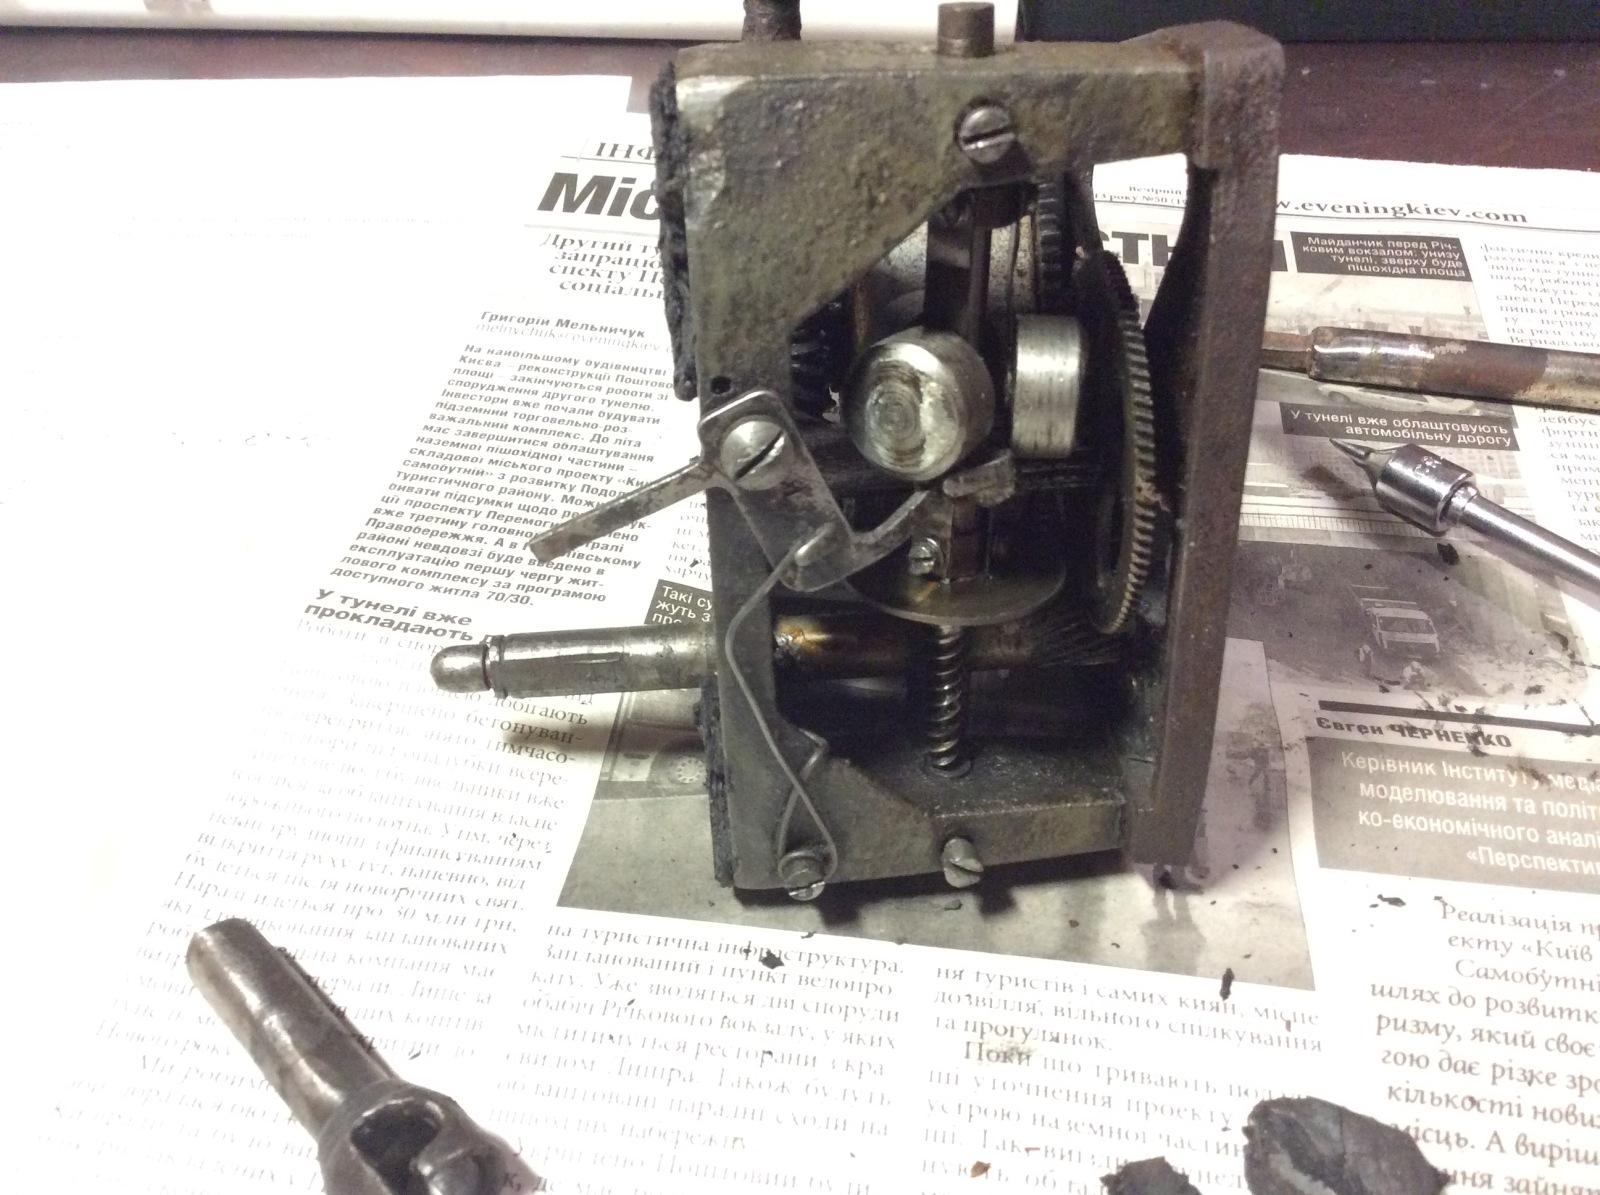 """""""Изучил, подытожил, напечатал""""-краткая справка патефонно-грамофонного производства 1917г.-1940г. T69j6p"""